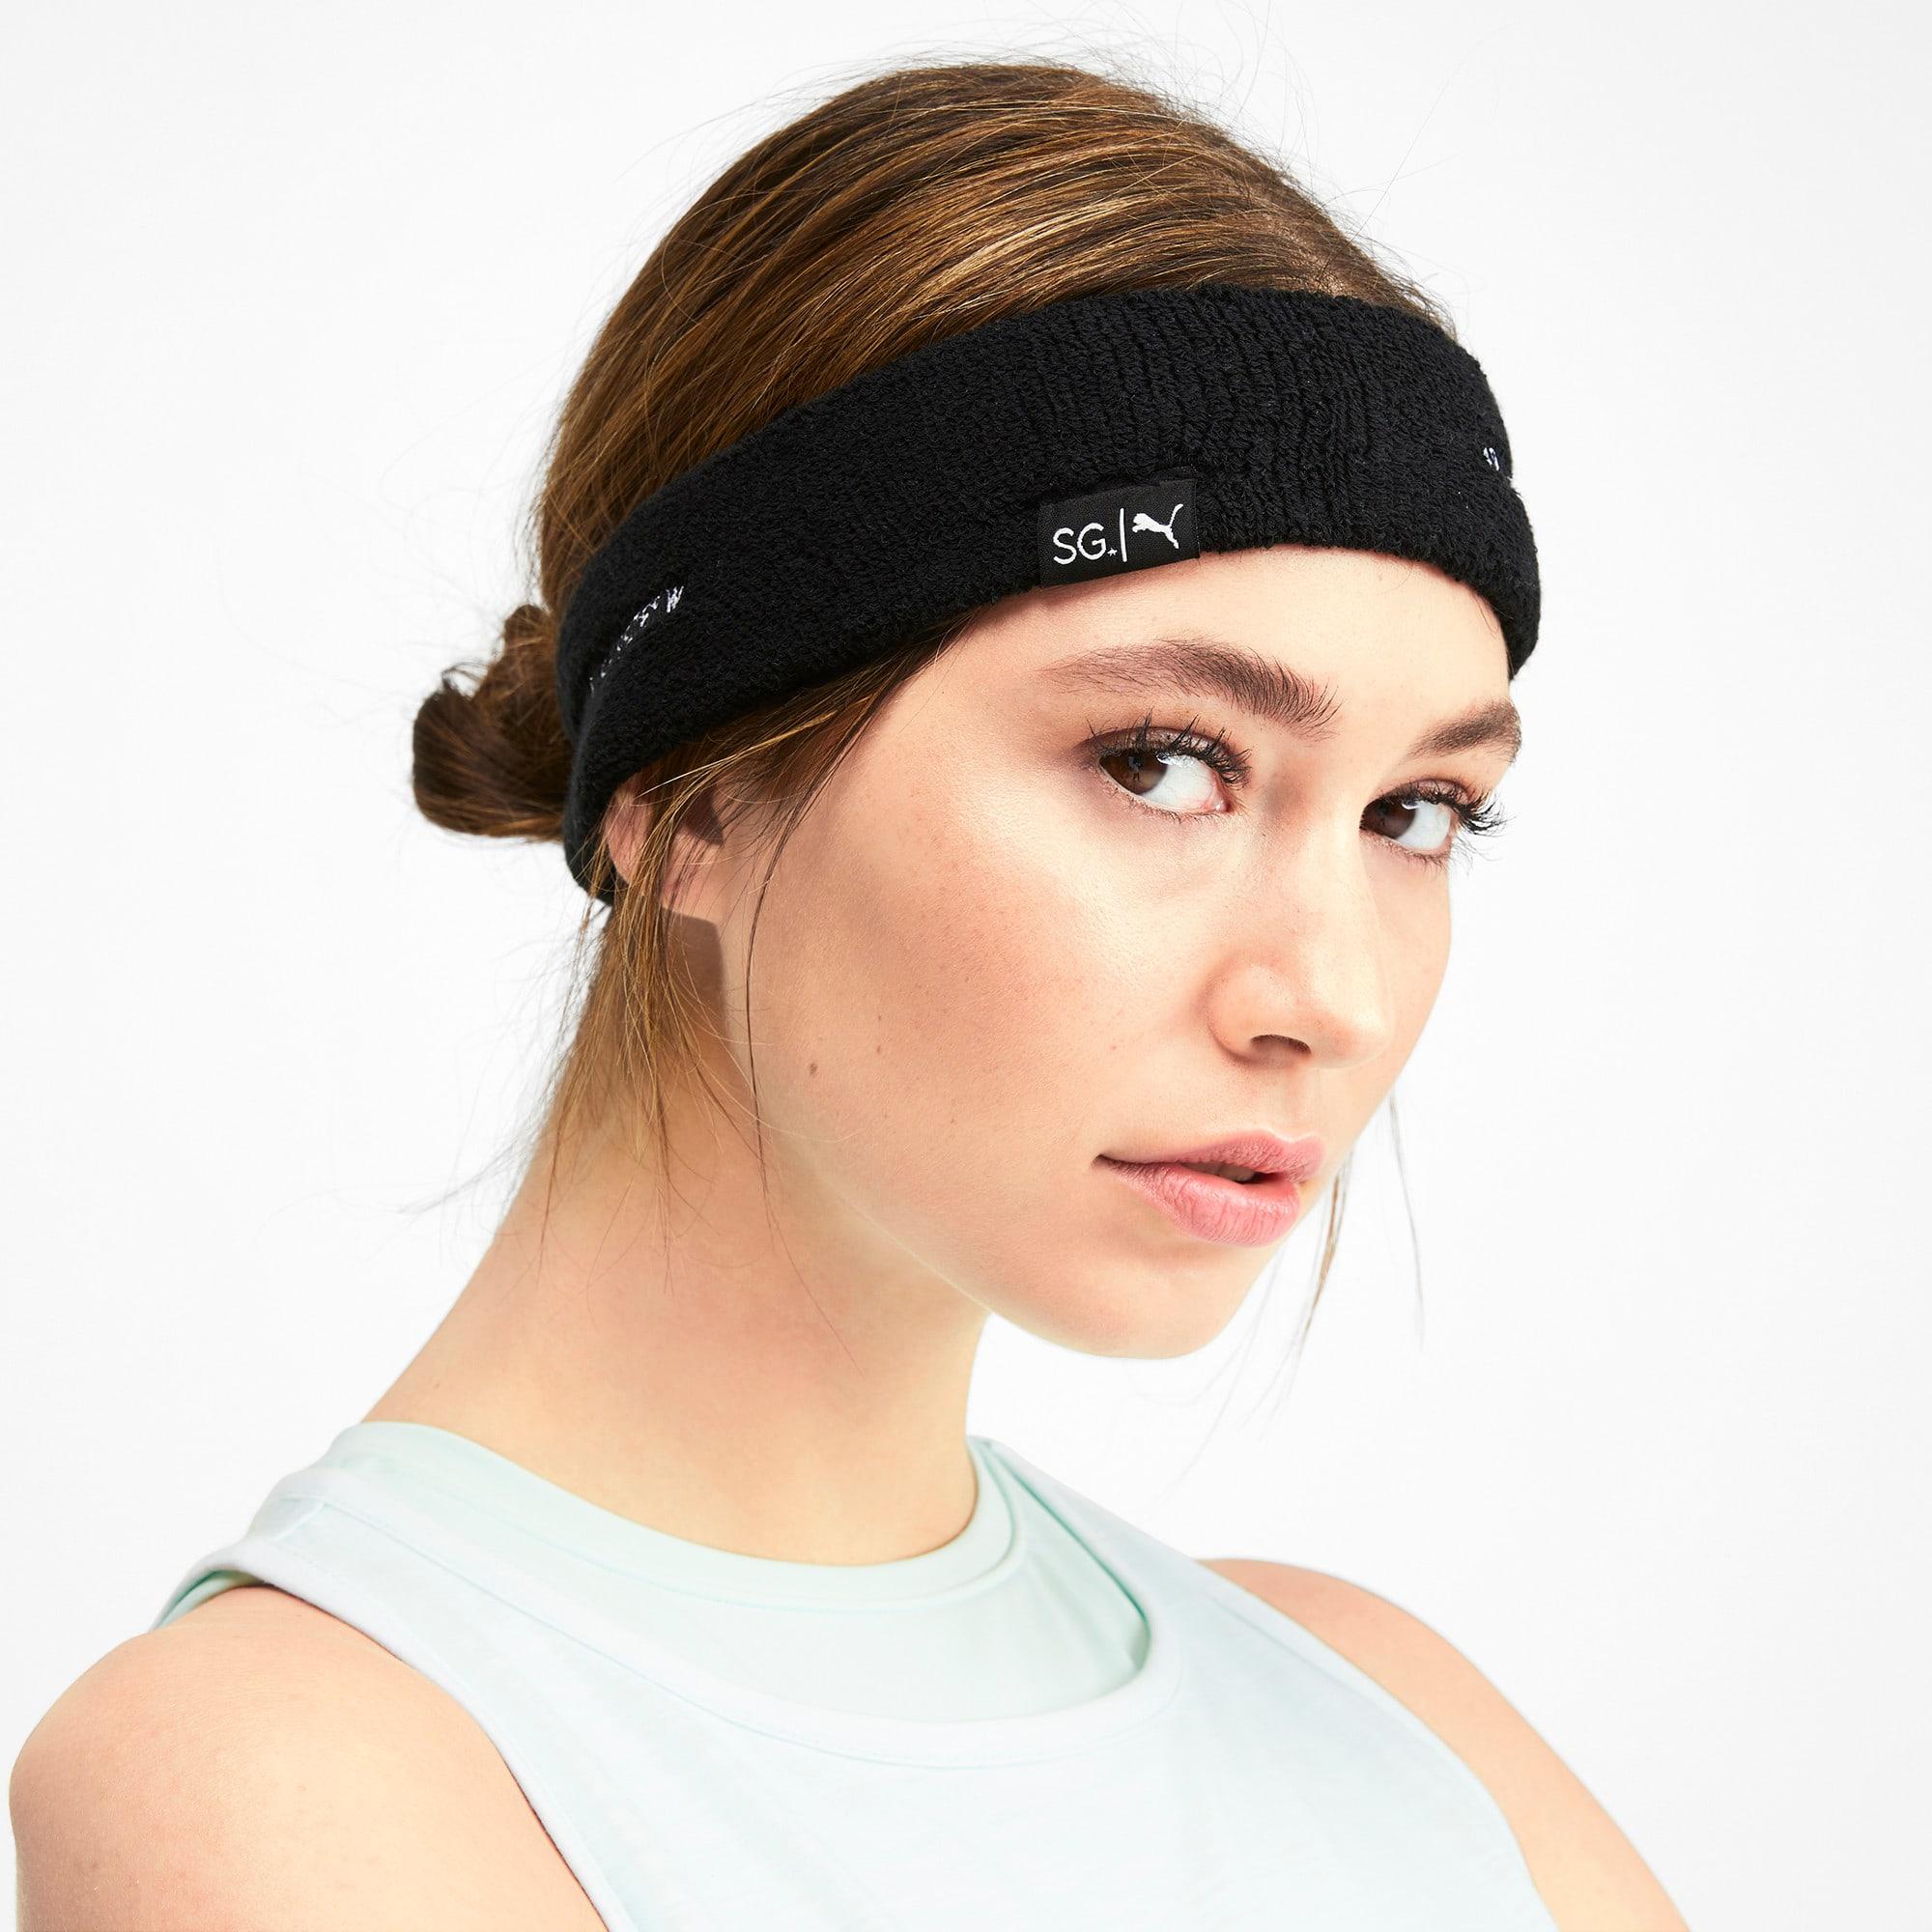 Thumbnail 2 of SG x PUMA Headband, Puma Black-Puma White, medium